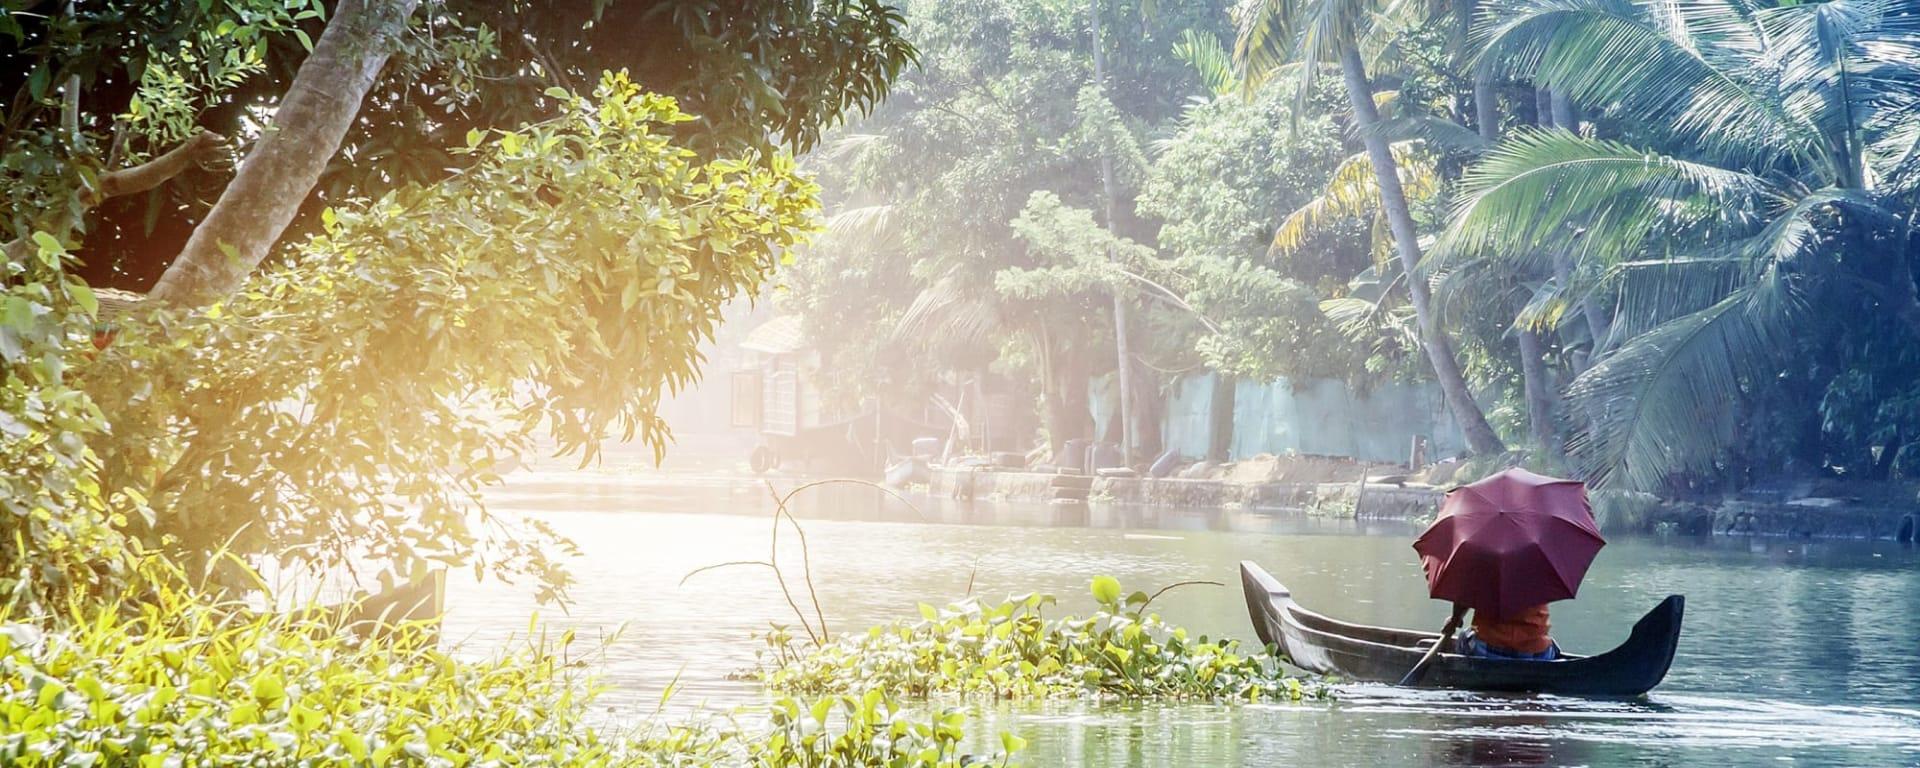 Indien entdecken mit Tischler Reisen: Indien Kerala Backwaters Boot